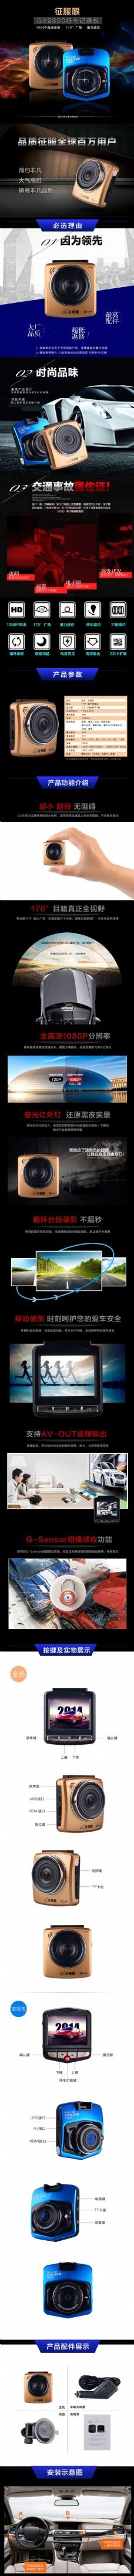 汽车用品详情页ideapie (11)